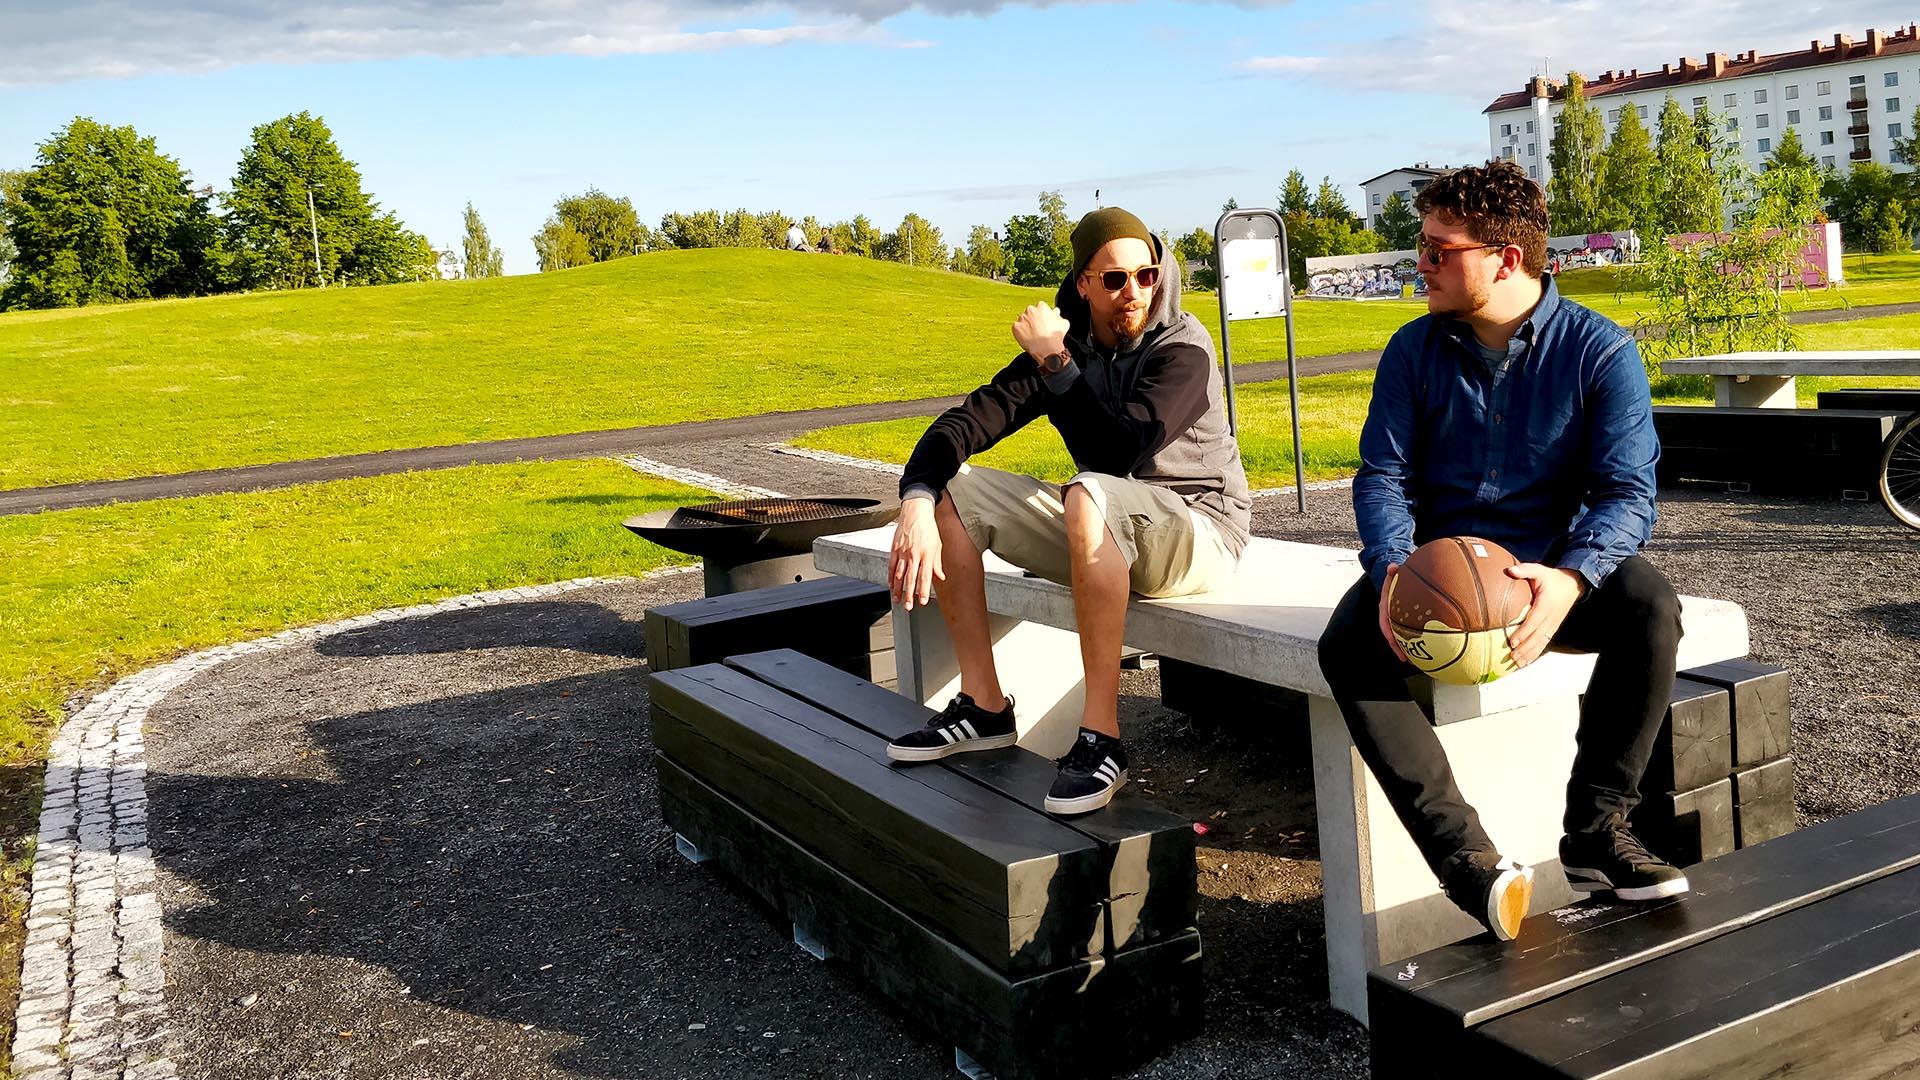 Pitkän linjan räp-artistit Olli PA ja Henry K kuvaavat uuden musiikkivideon Kaaoslavalla Oulussa.